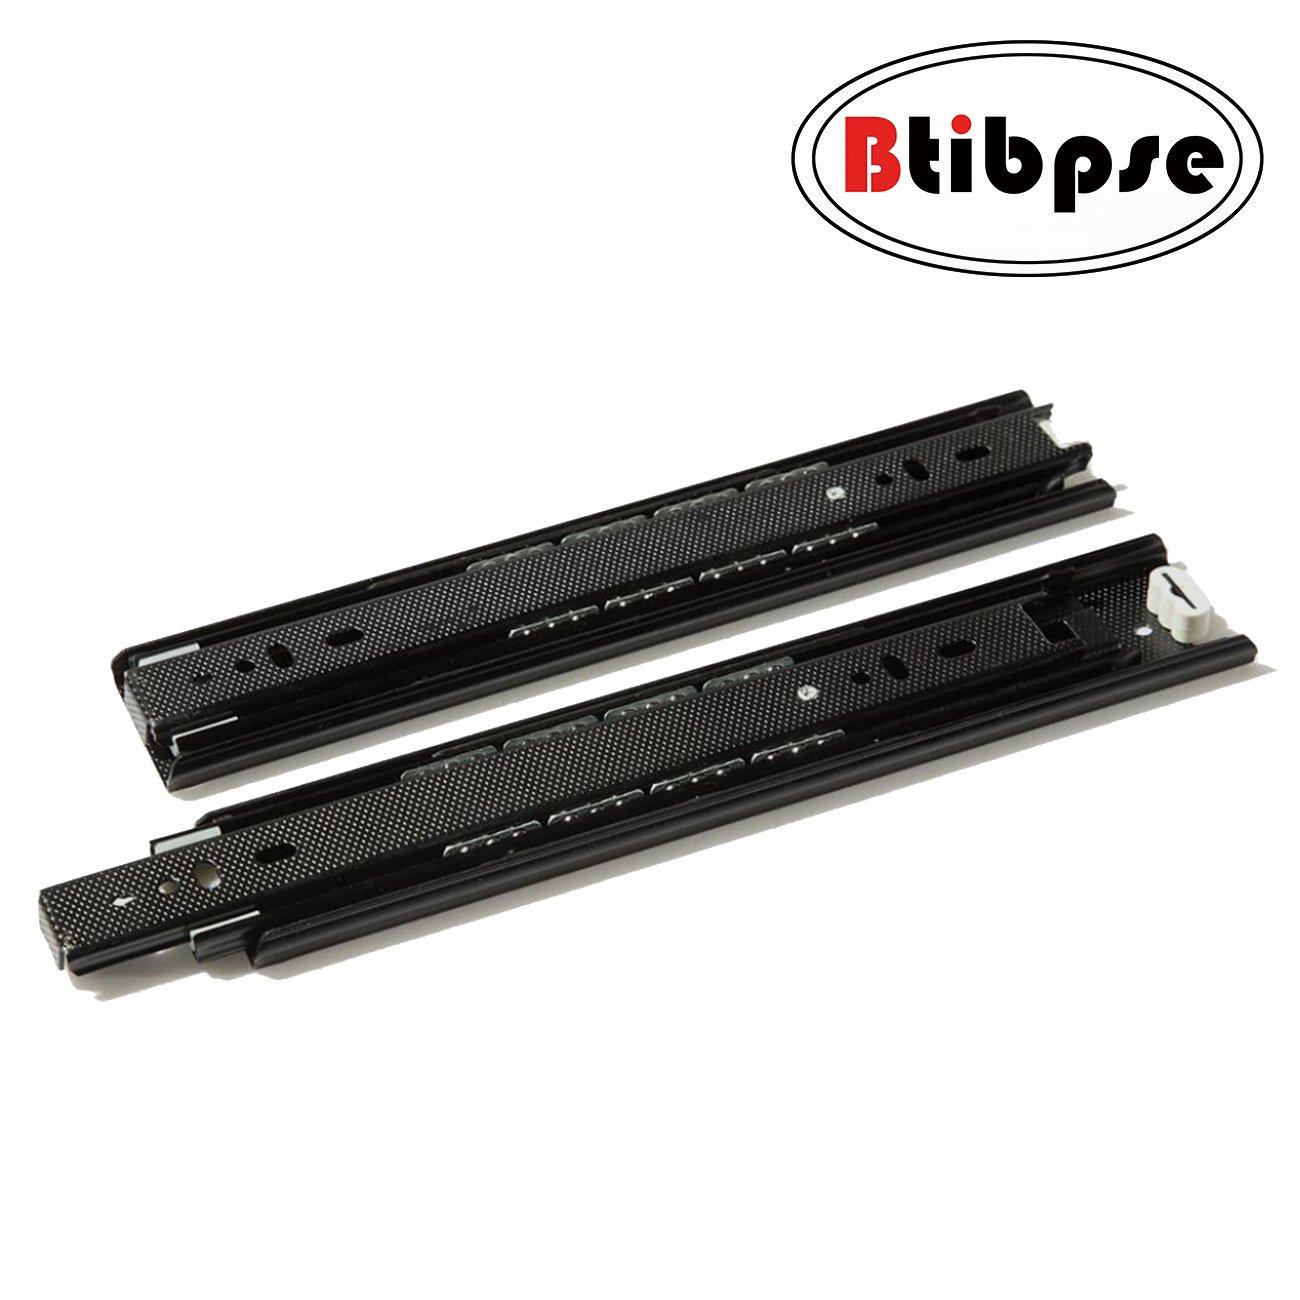 Btibpse Drawer Slide 10 Inch Ball Bearing Full Extension Slide Rail Black Pair